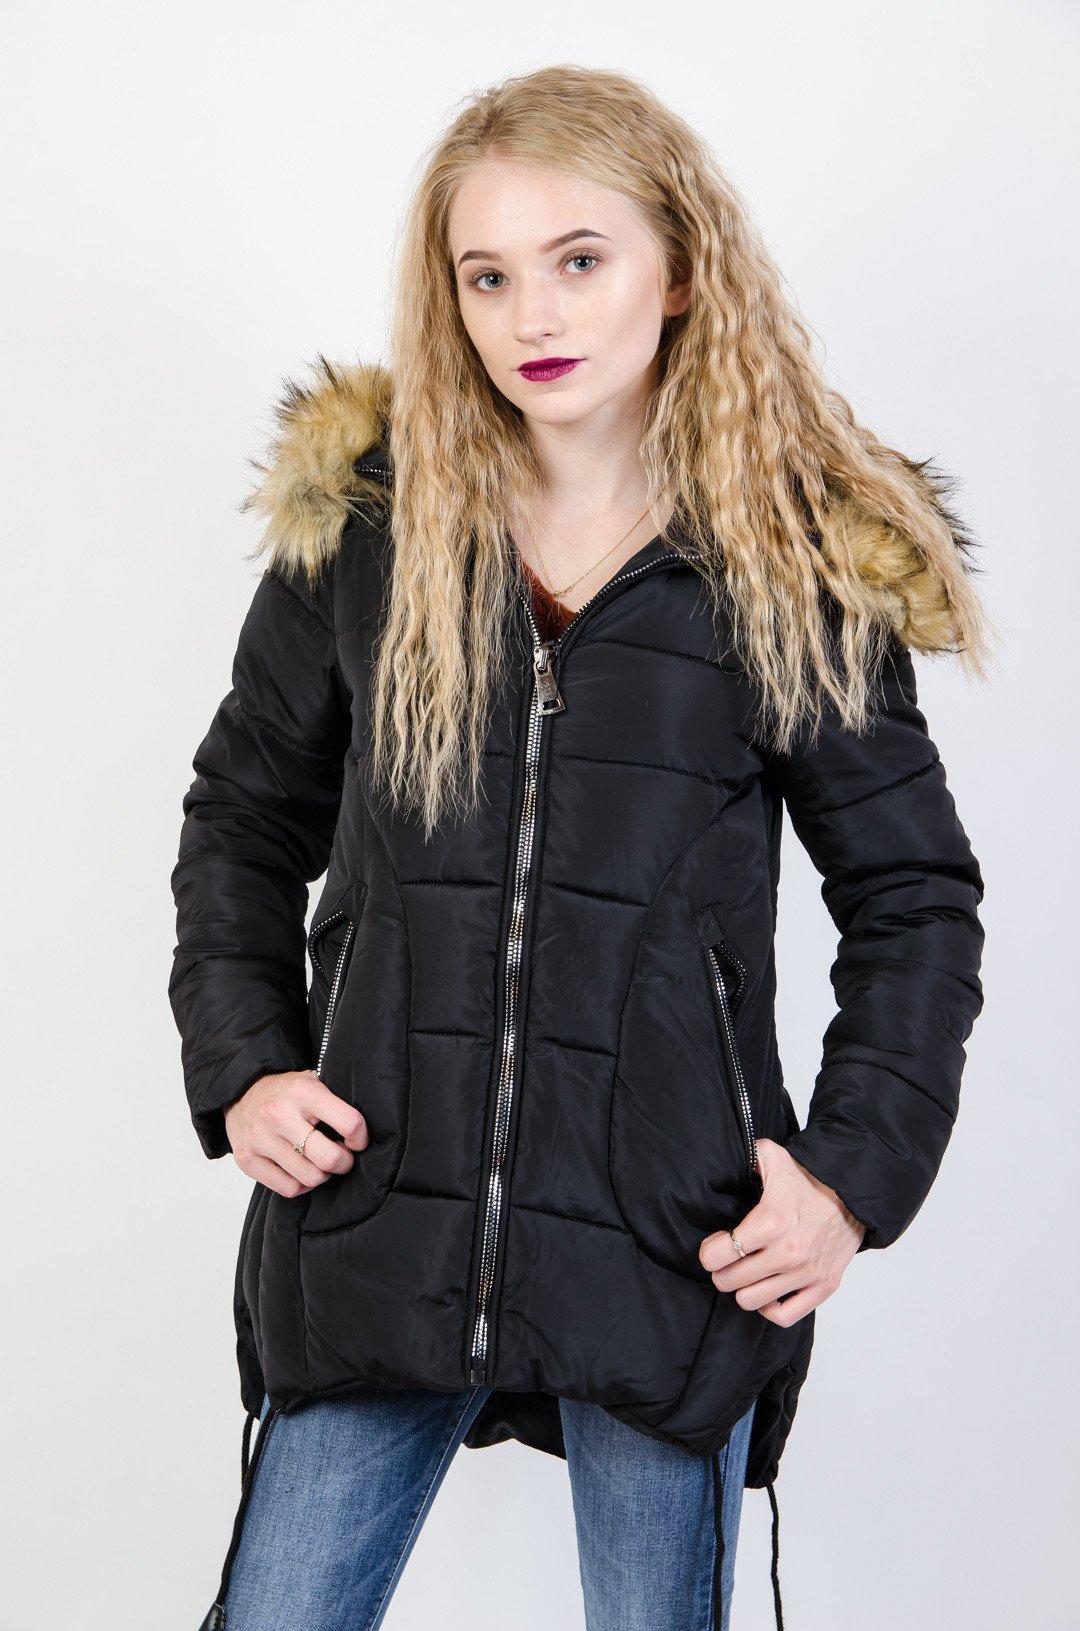 135223f1404c2 Czarna kurtka pikowana z rozcięciami po bokach czarny | NOWOŚCI KOLEKCJA \  Kurtki i płaszcze \ Kurtki zimowe KOLEKCJA \ Kurtki i płaszcze \ Kurtki  parki ...